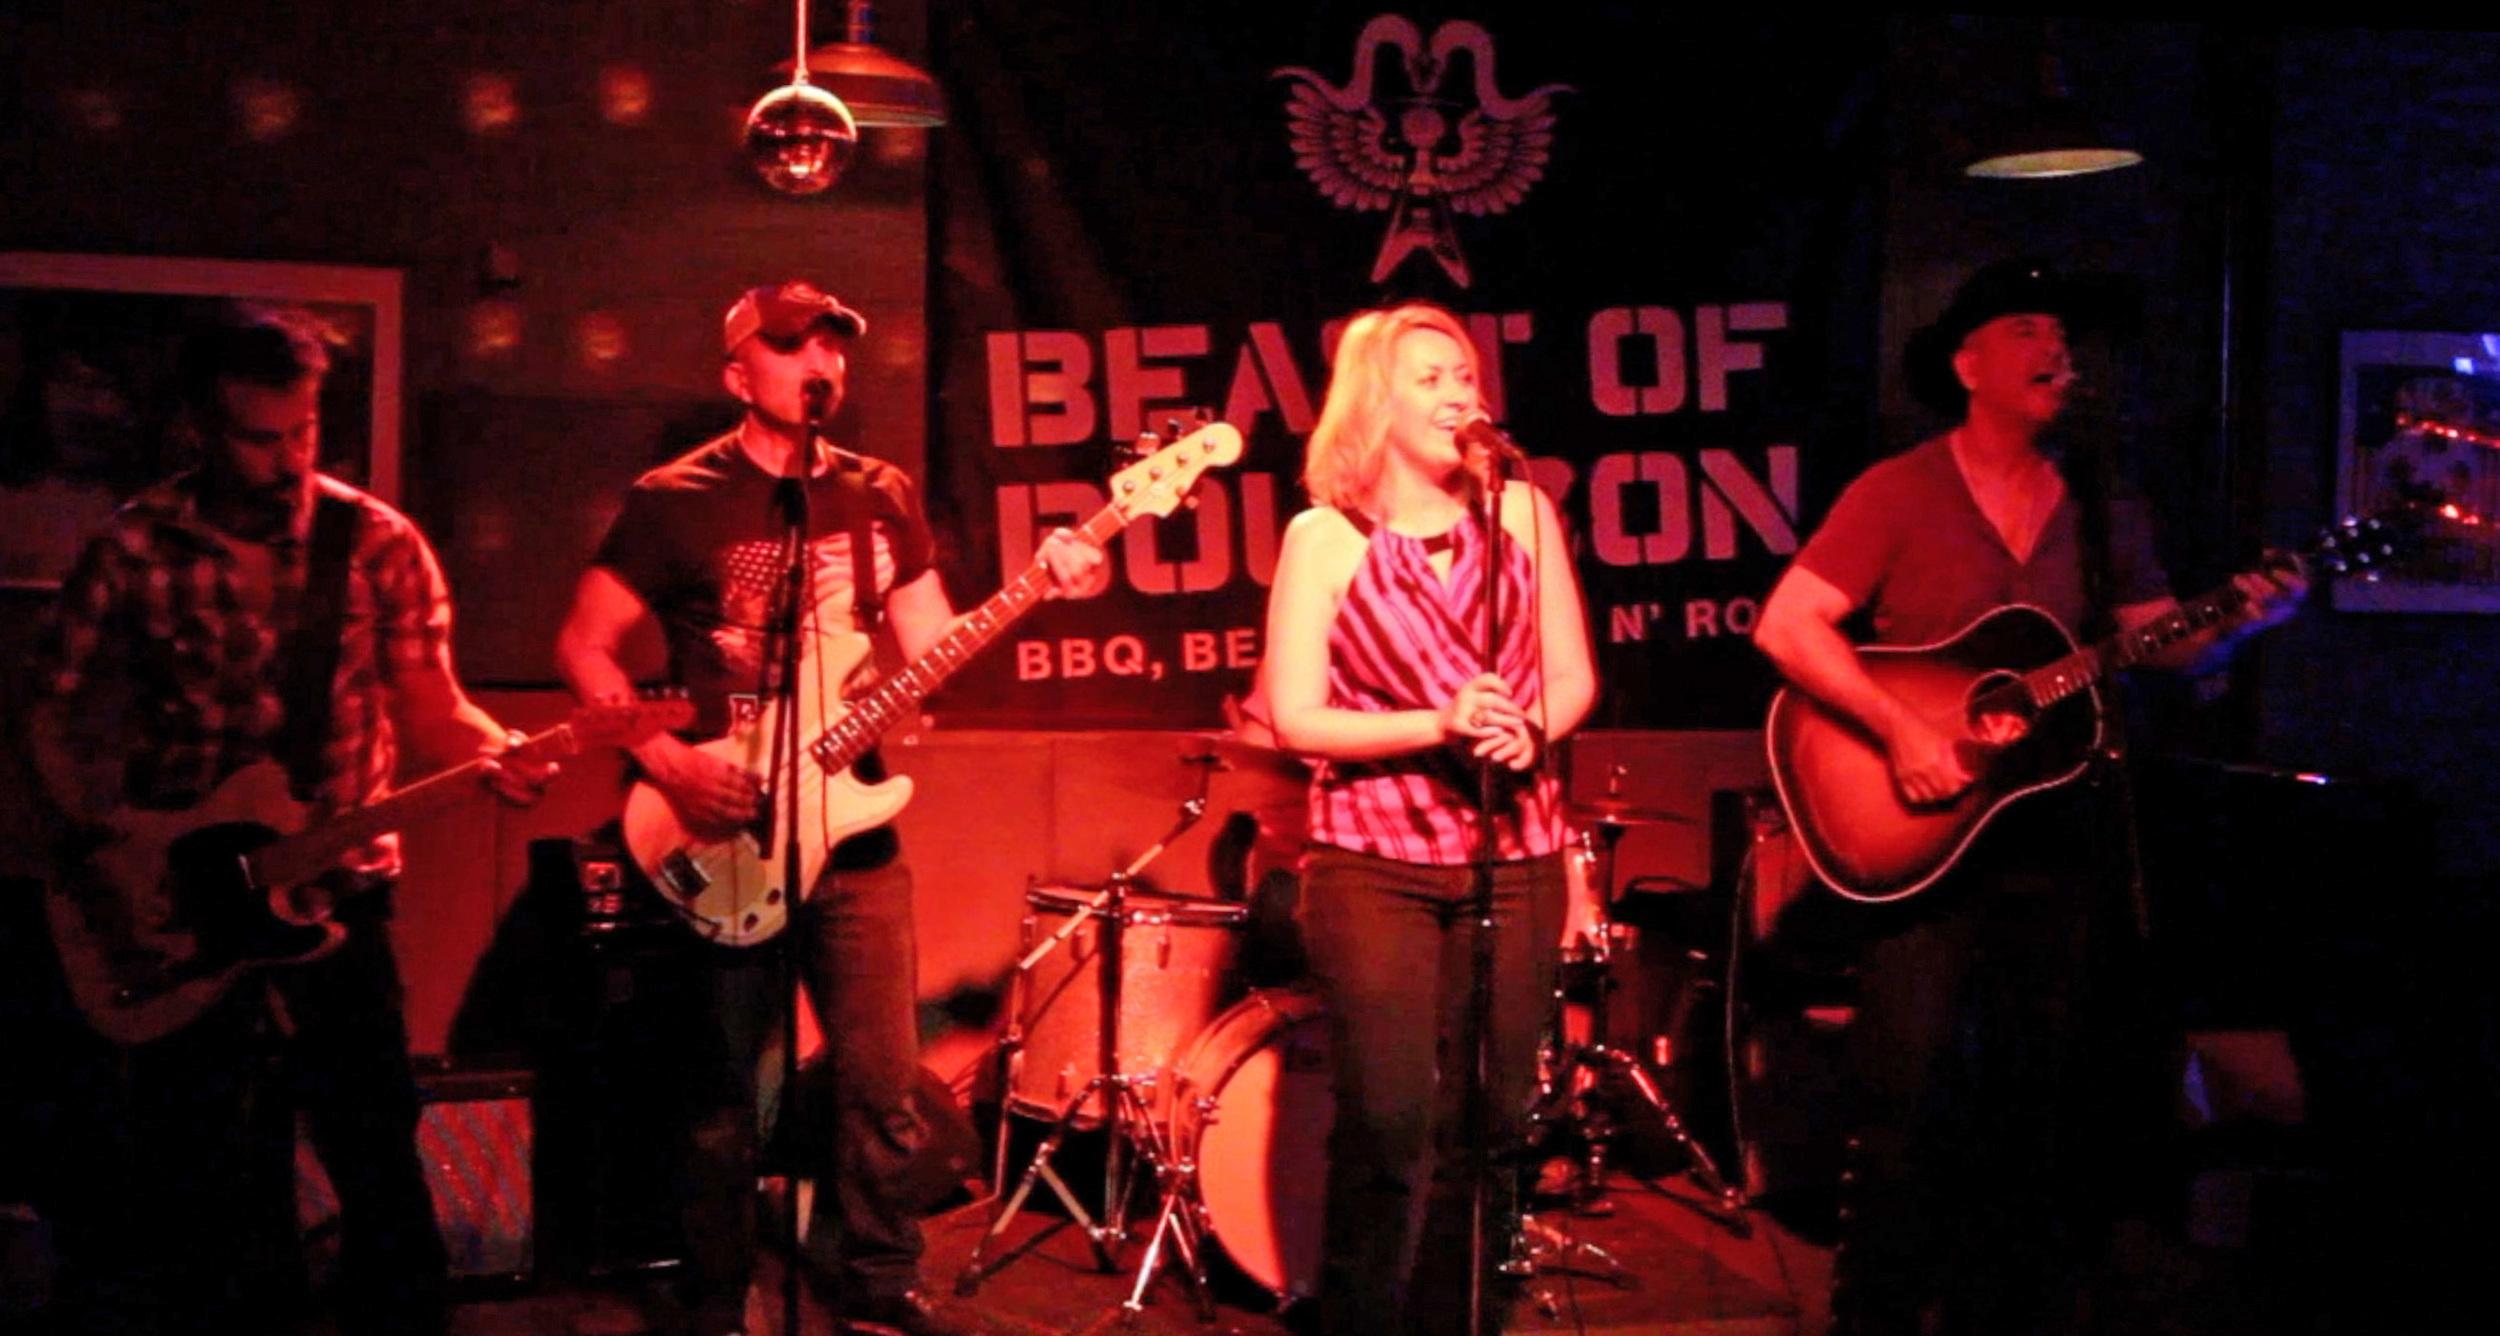 Beast of Bourbon, Brooklyn NY